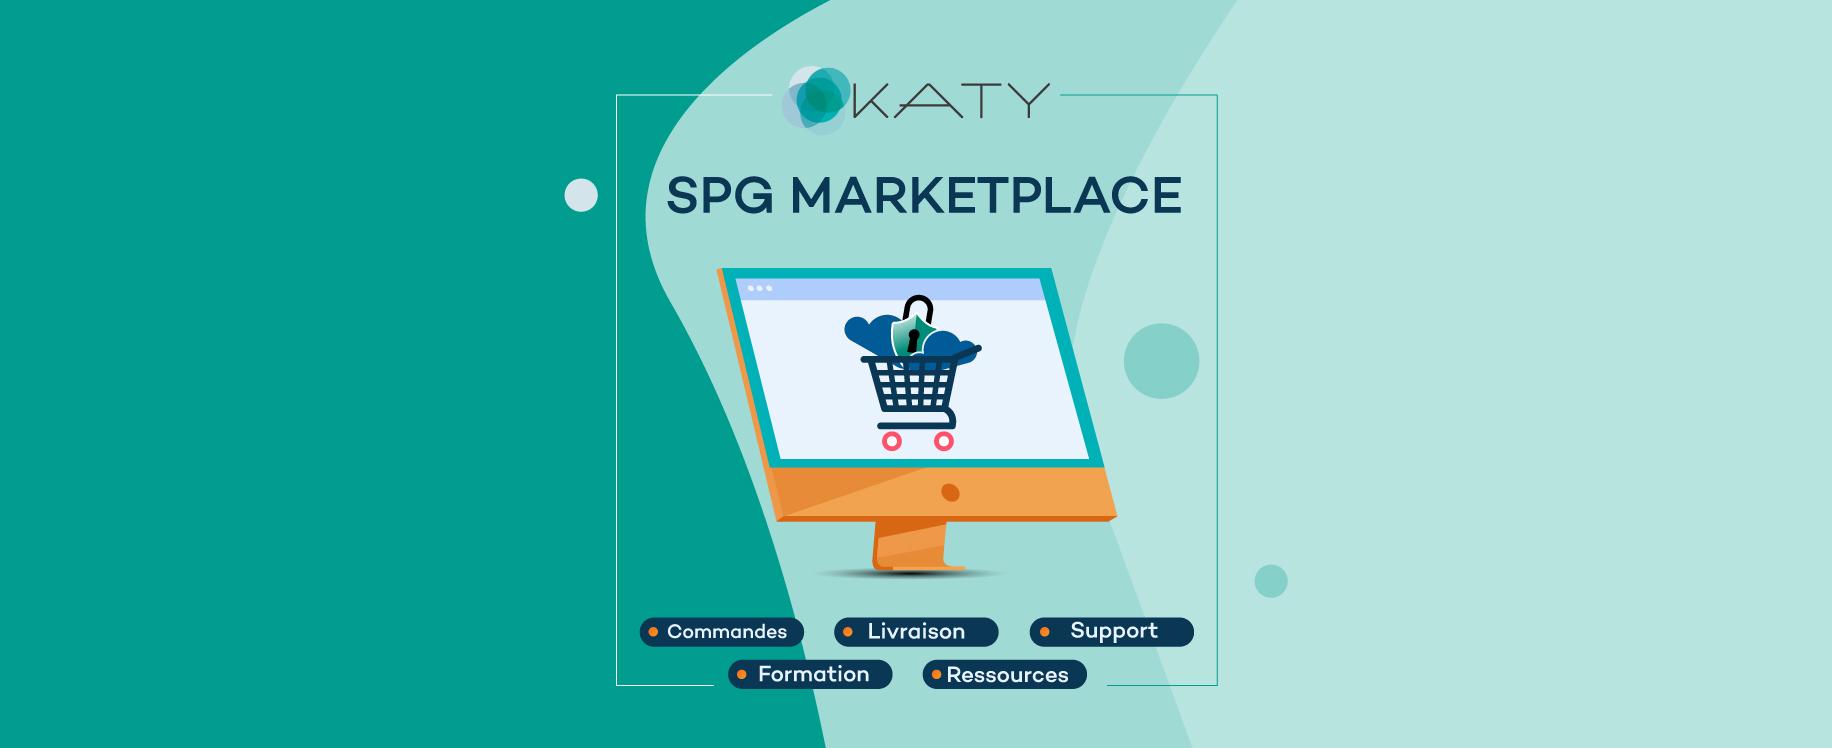 SPG Marketplace